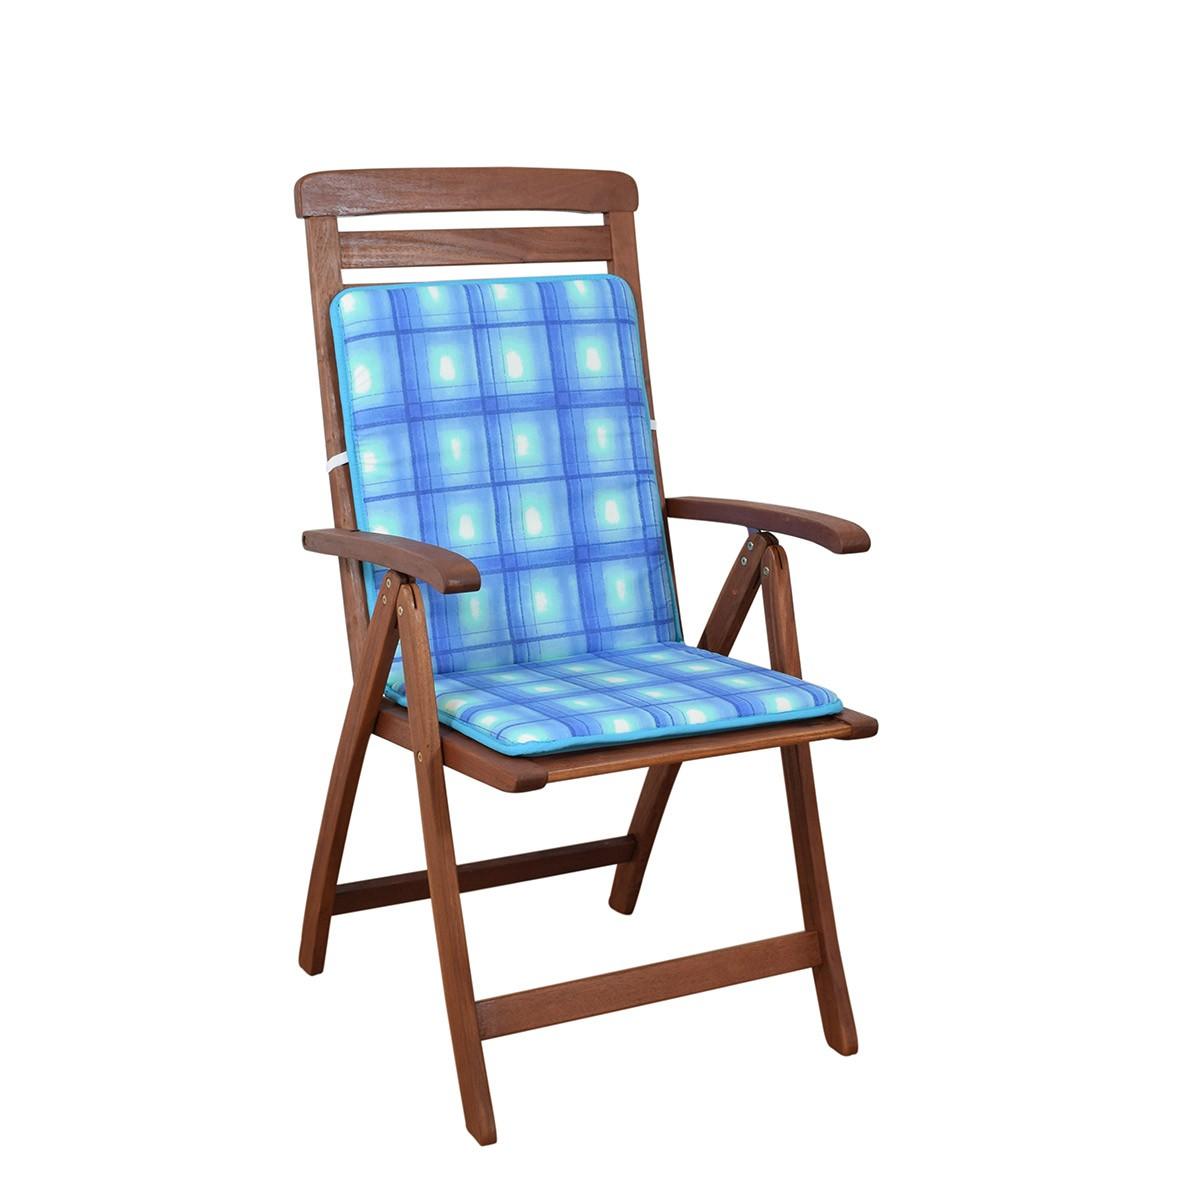 Μαξιλάρι Καρέκλας Πλάτη/Ρέλι 2 Όψεων Fratoni DobleCara Blue